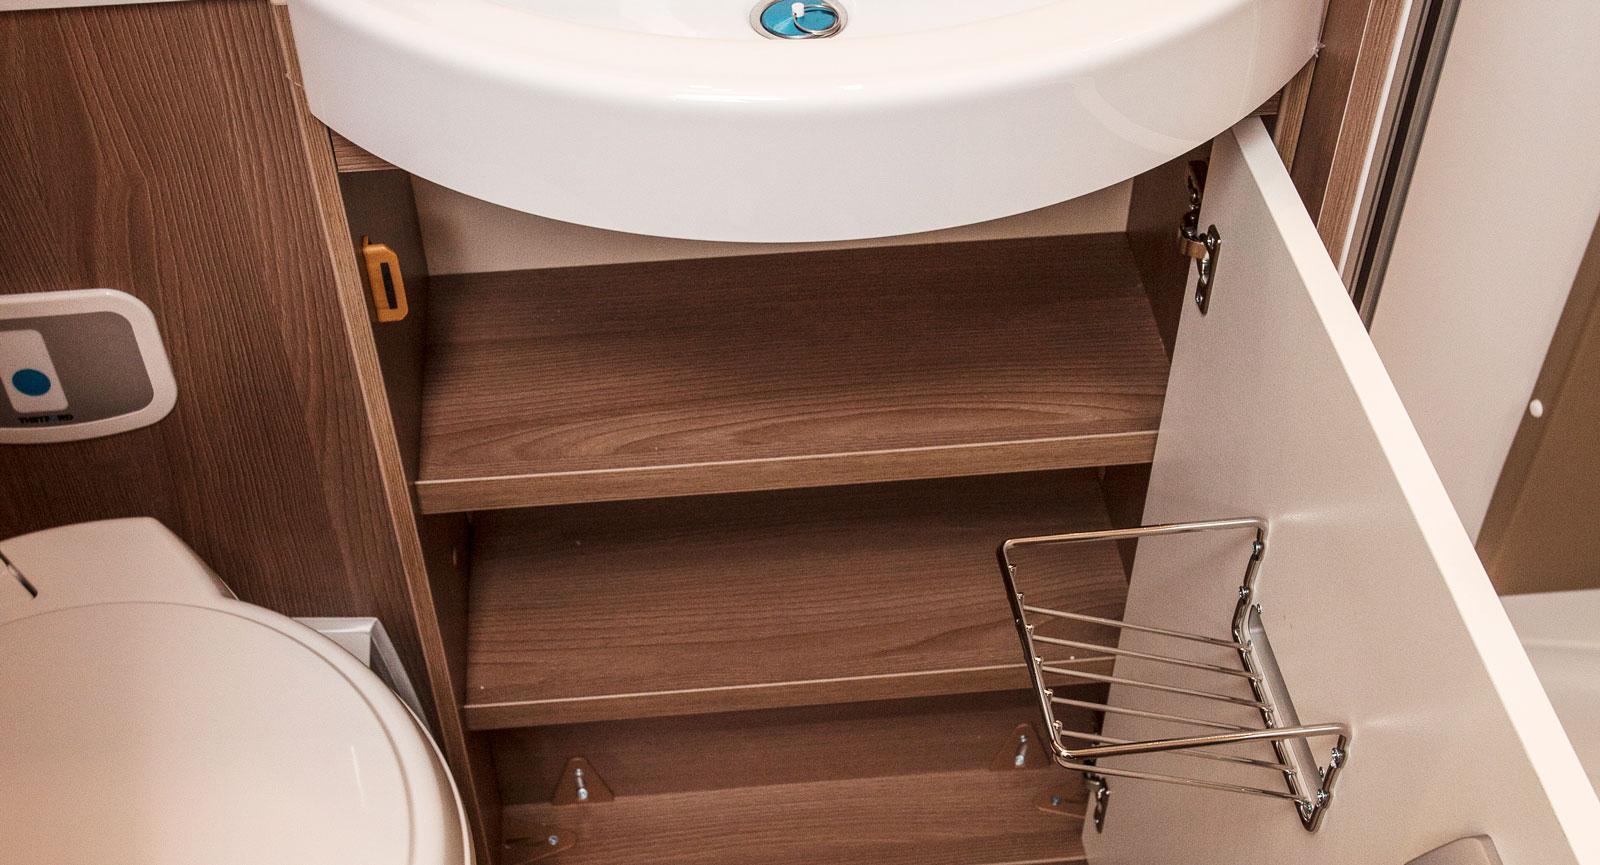 Själva den gömda toapappershållaren innanför skåpet.